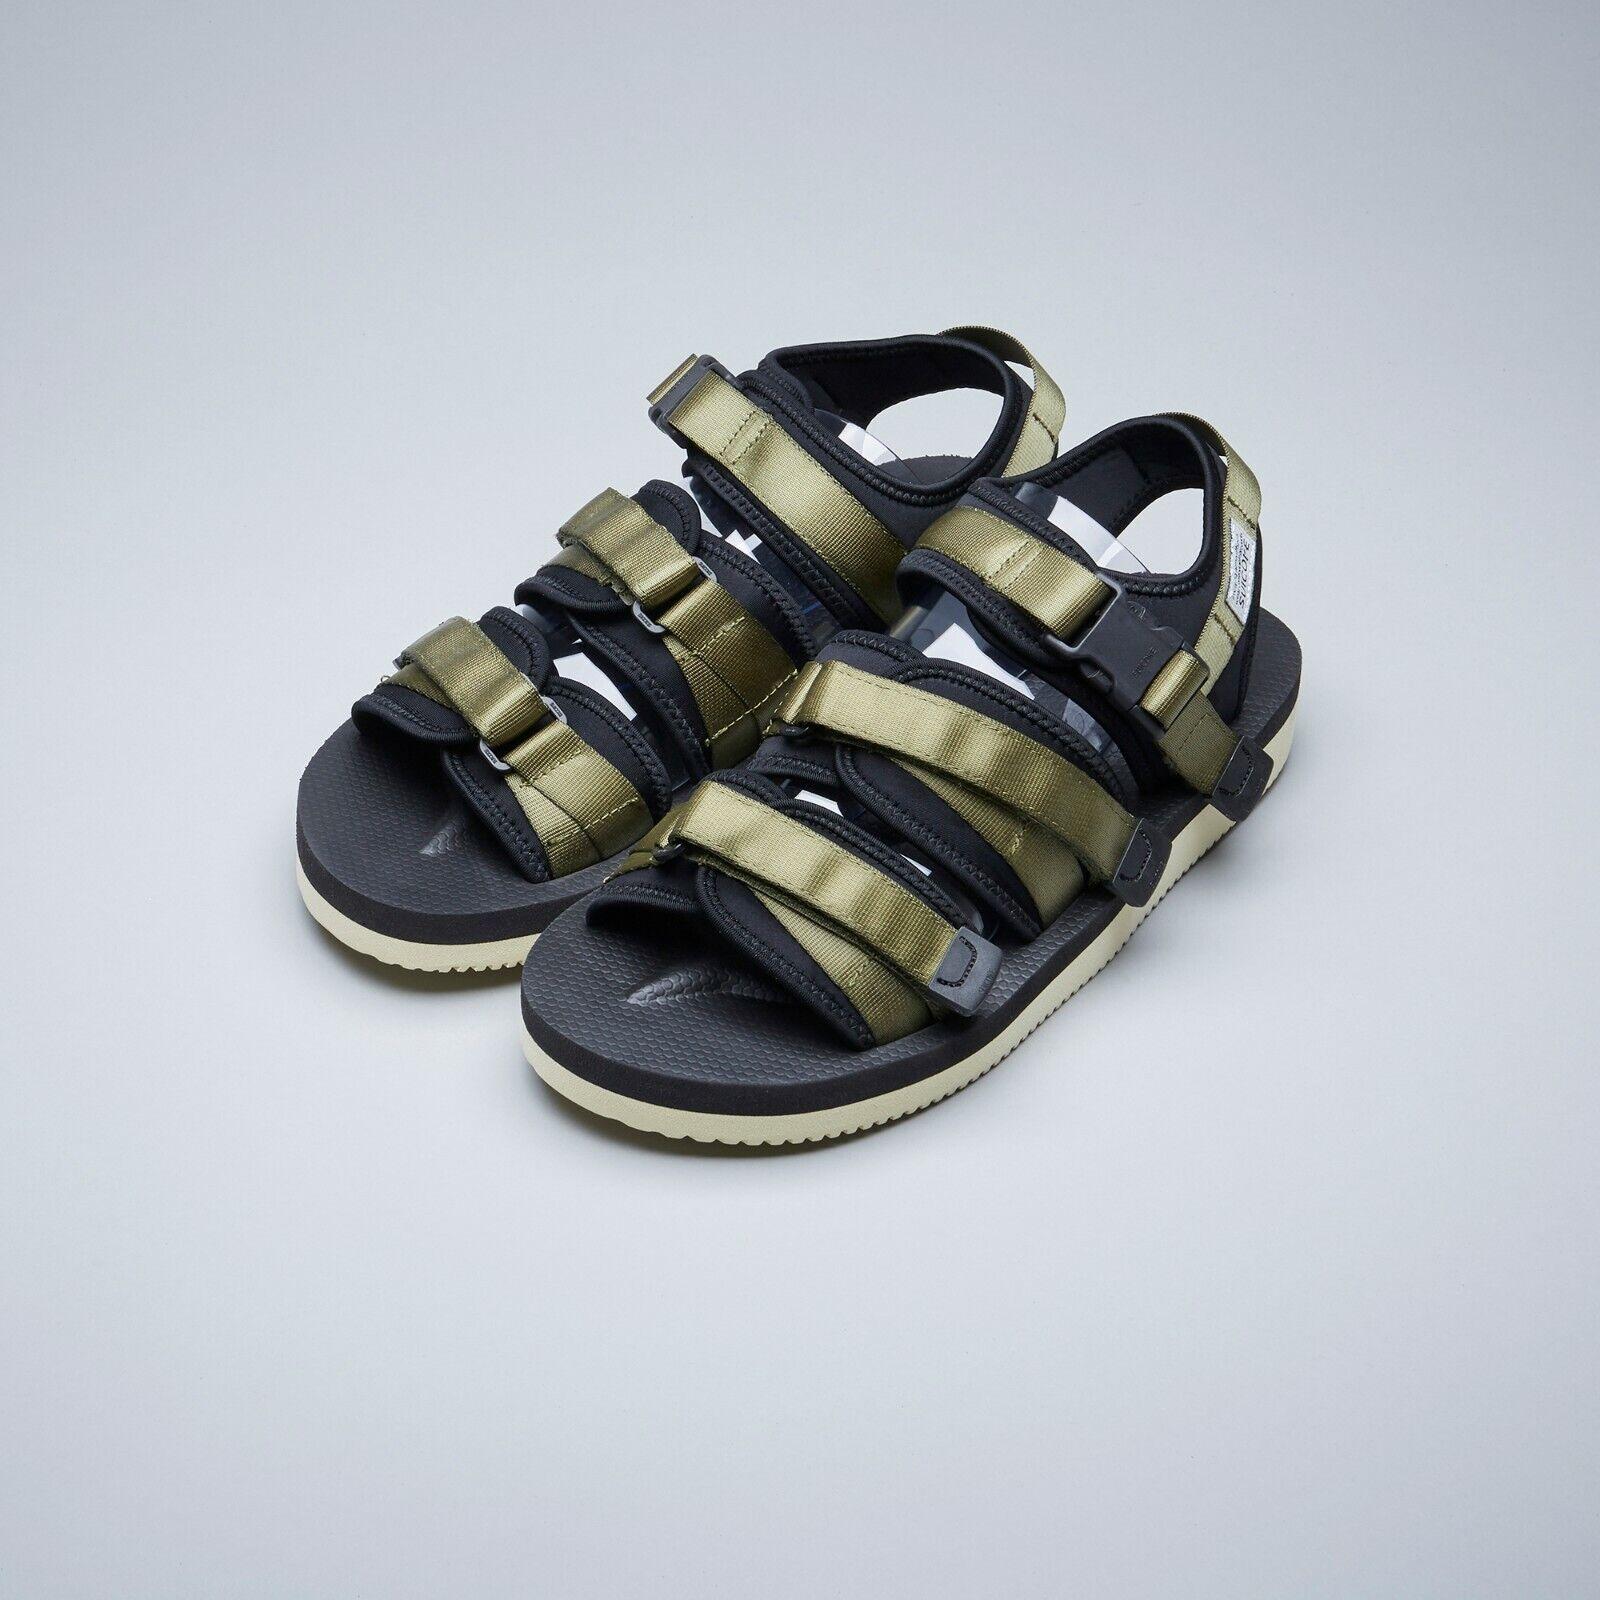 Suicoke SS19 OG -052V    GGA -V Olive verde Vibram regolabile Nylon Tapes Sandals  moda classica